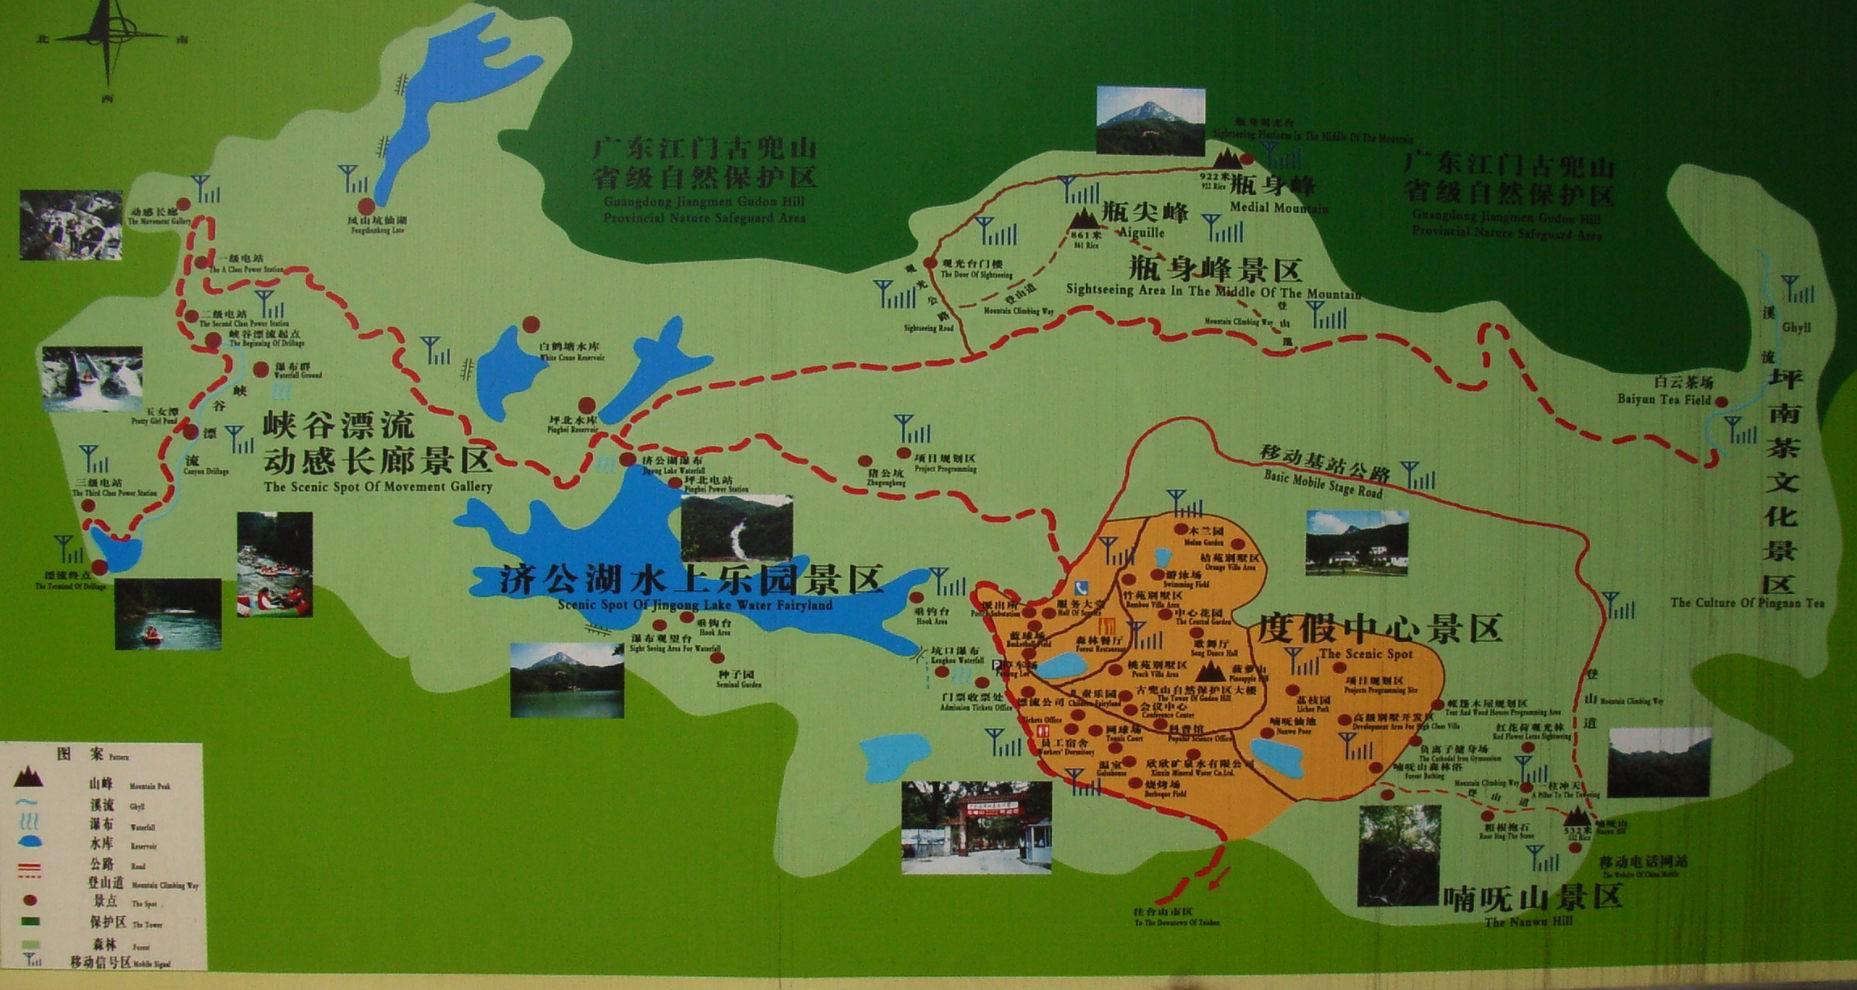 北峰山森林公园_广东其他旅游景点地图查询